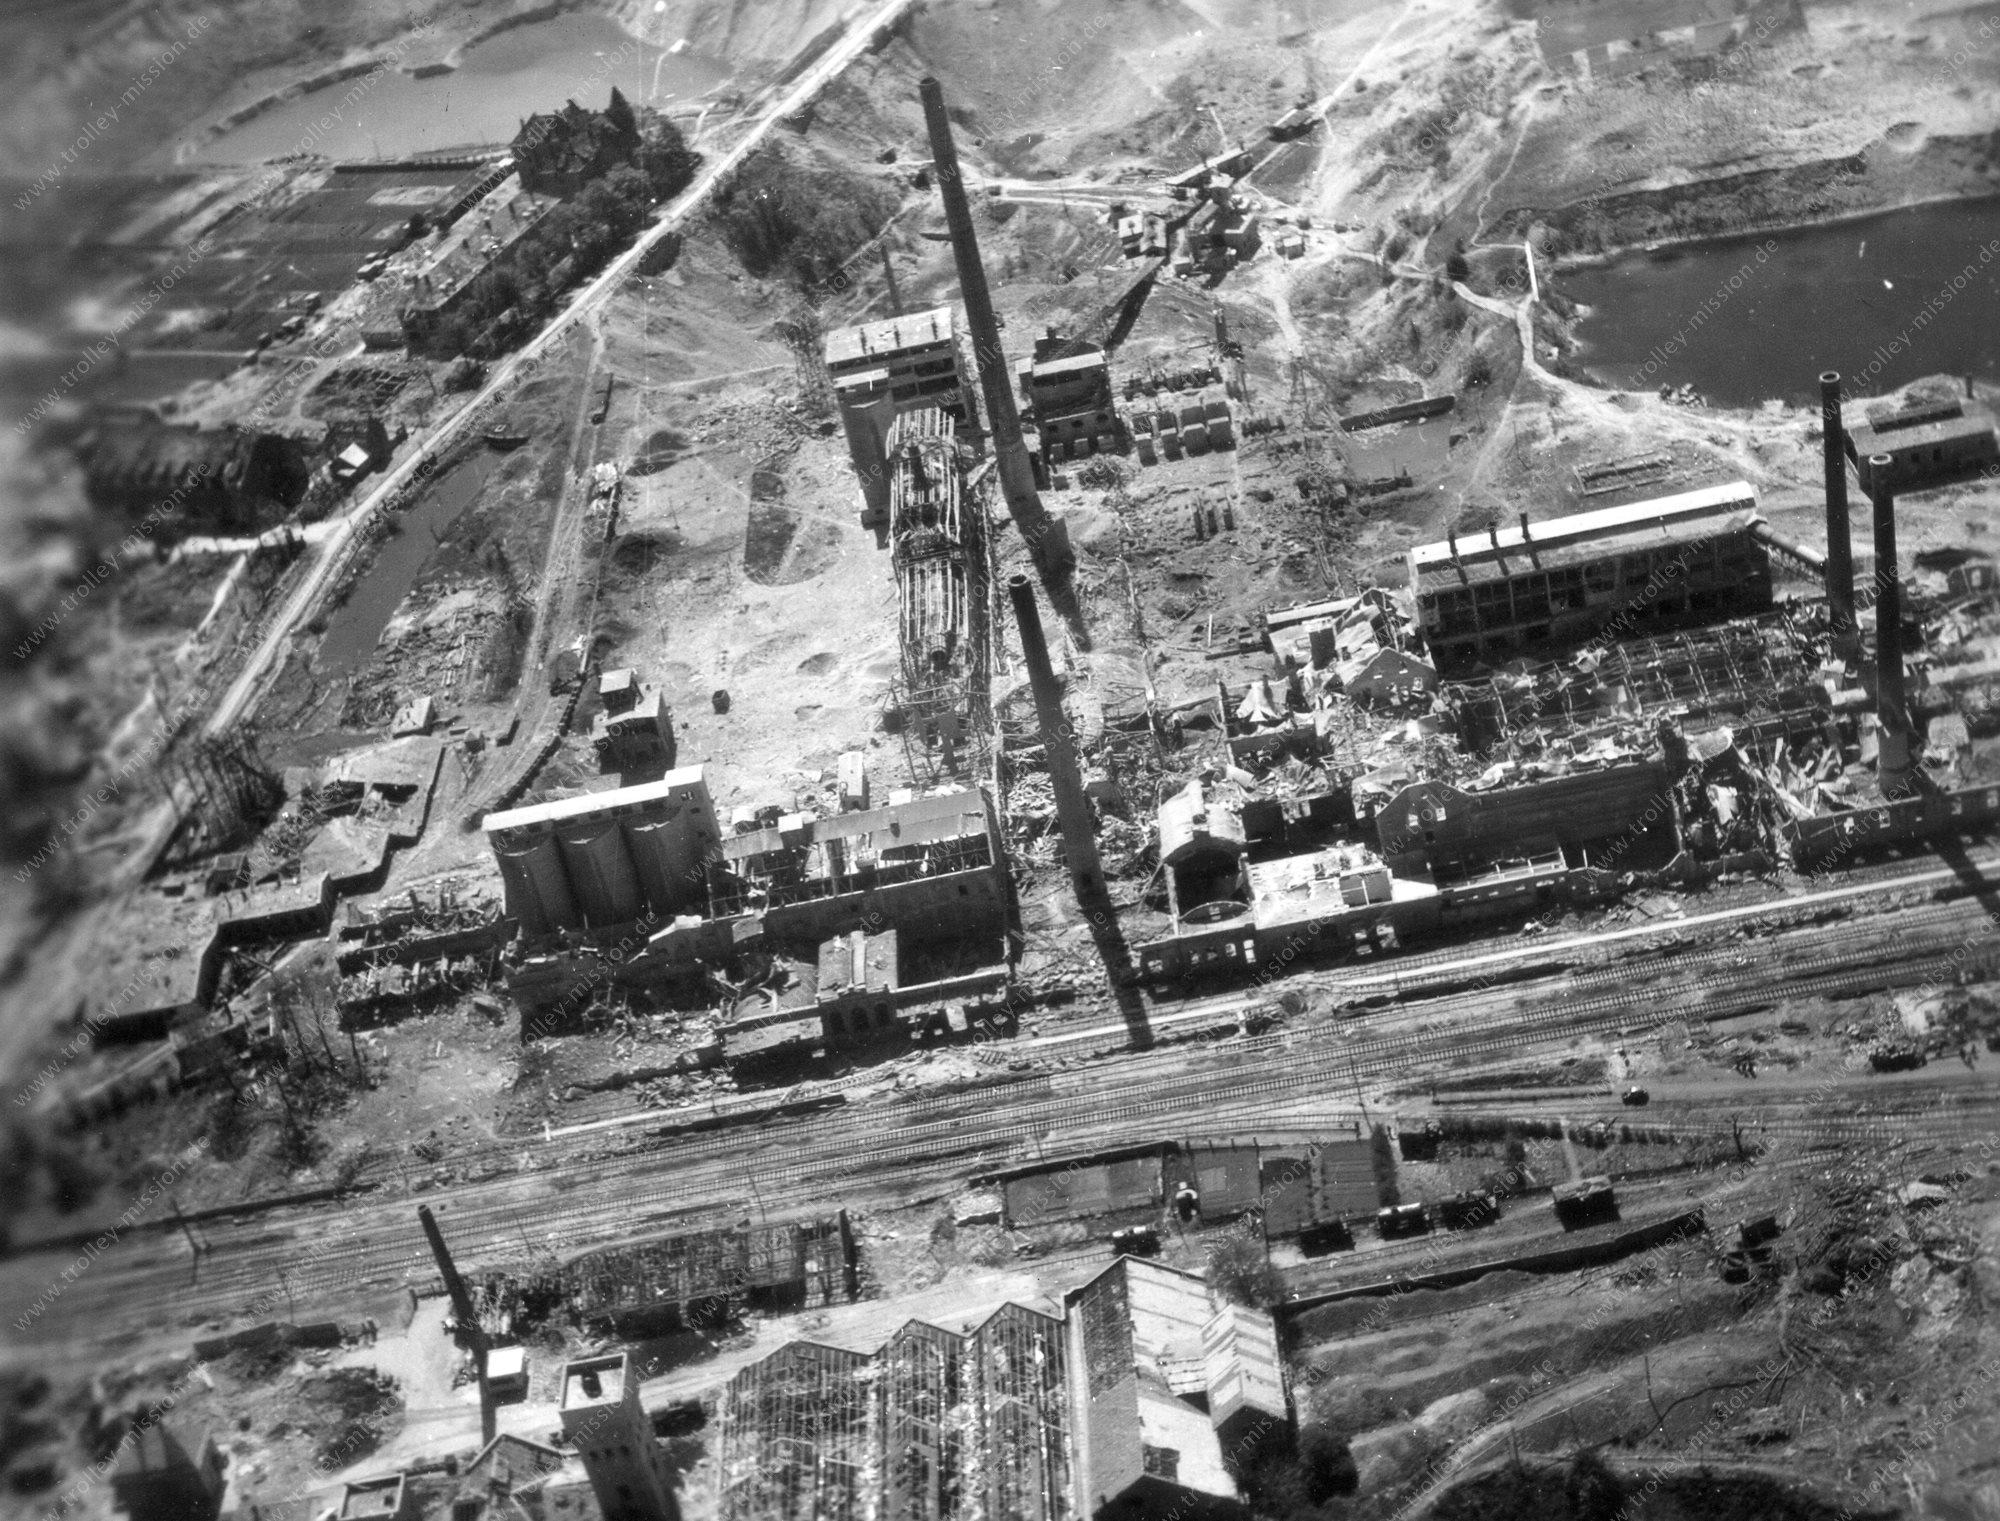 Luftbild der alten Zementfabrik in Misburg-Anderten im Stadtbezirk von Hannover